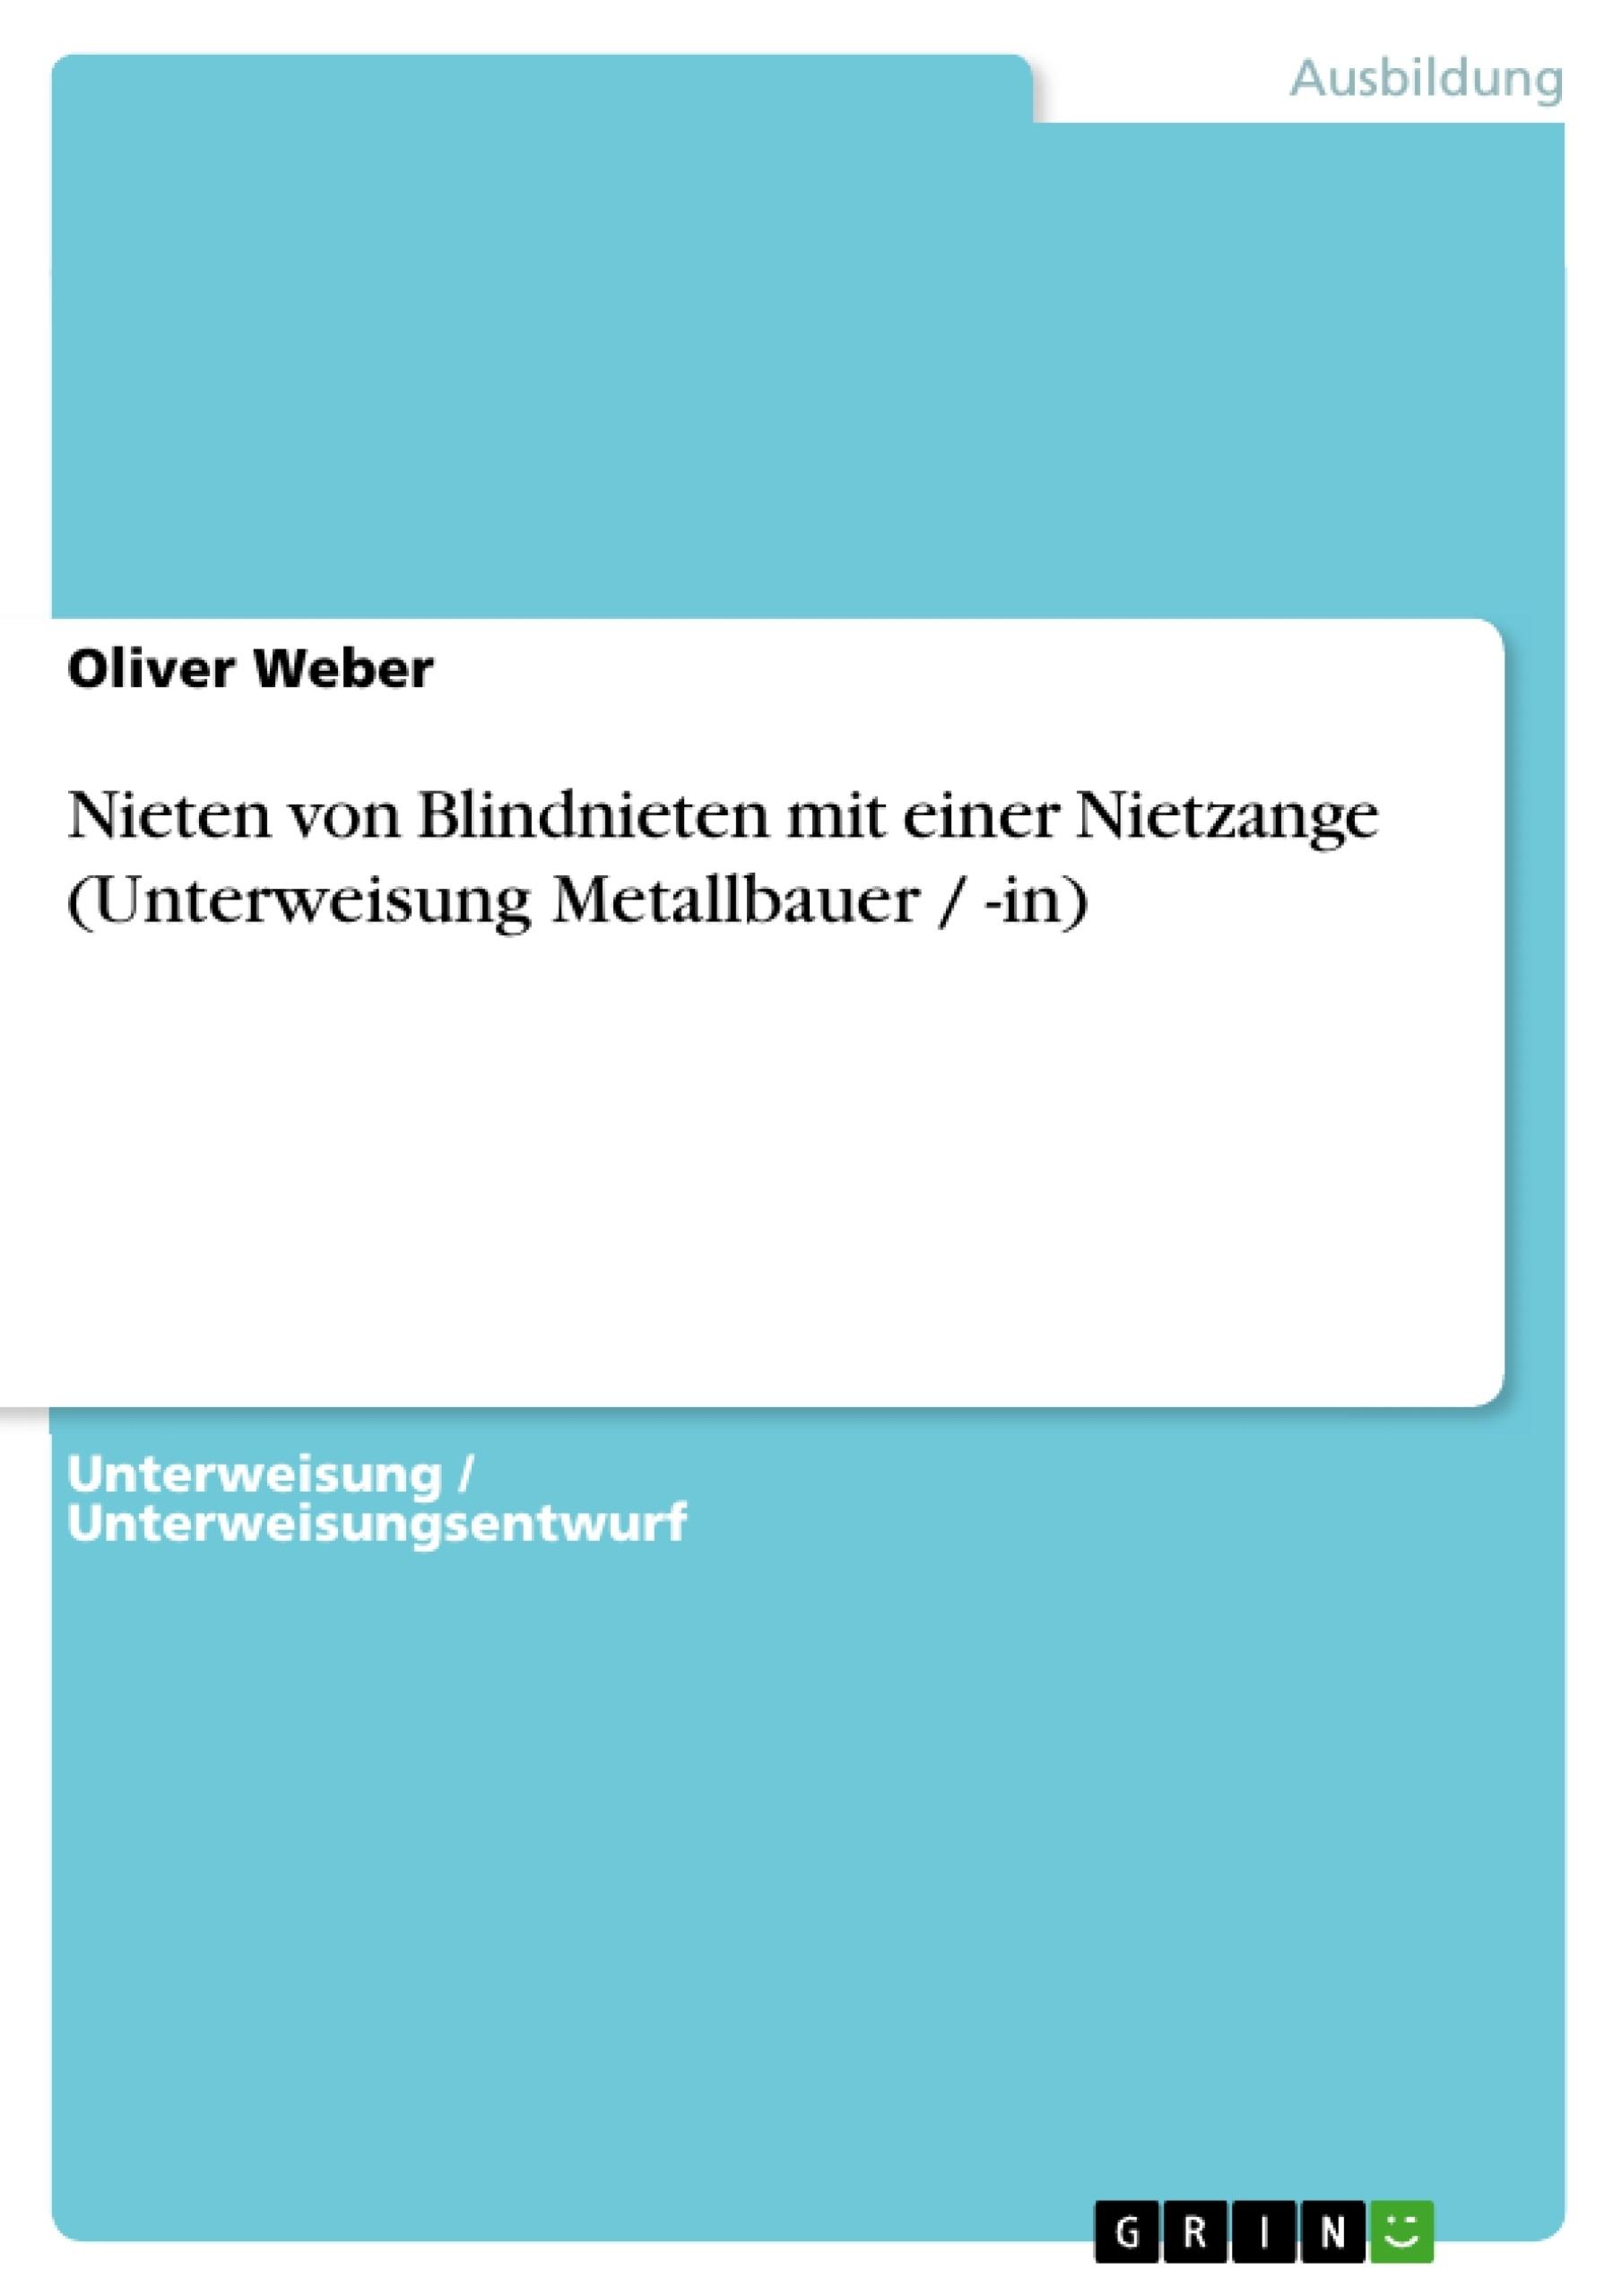 Titel: Nieten von Blindnieten mit einer Nietzange (Unterweisung Metallbauer / -in)